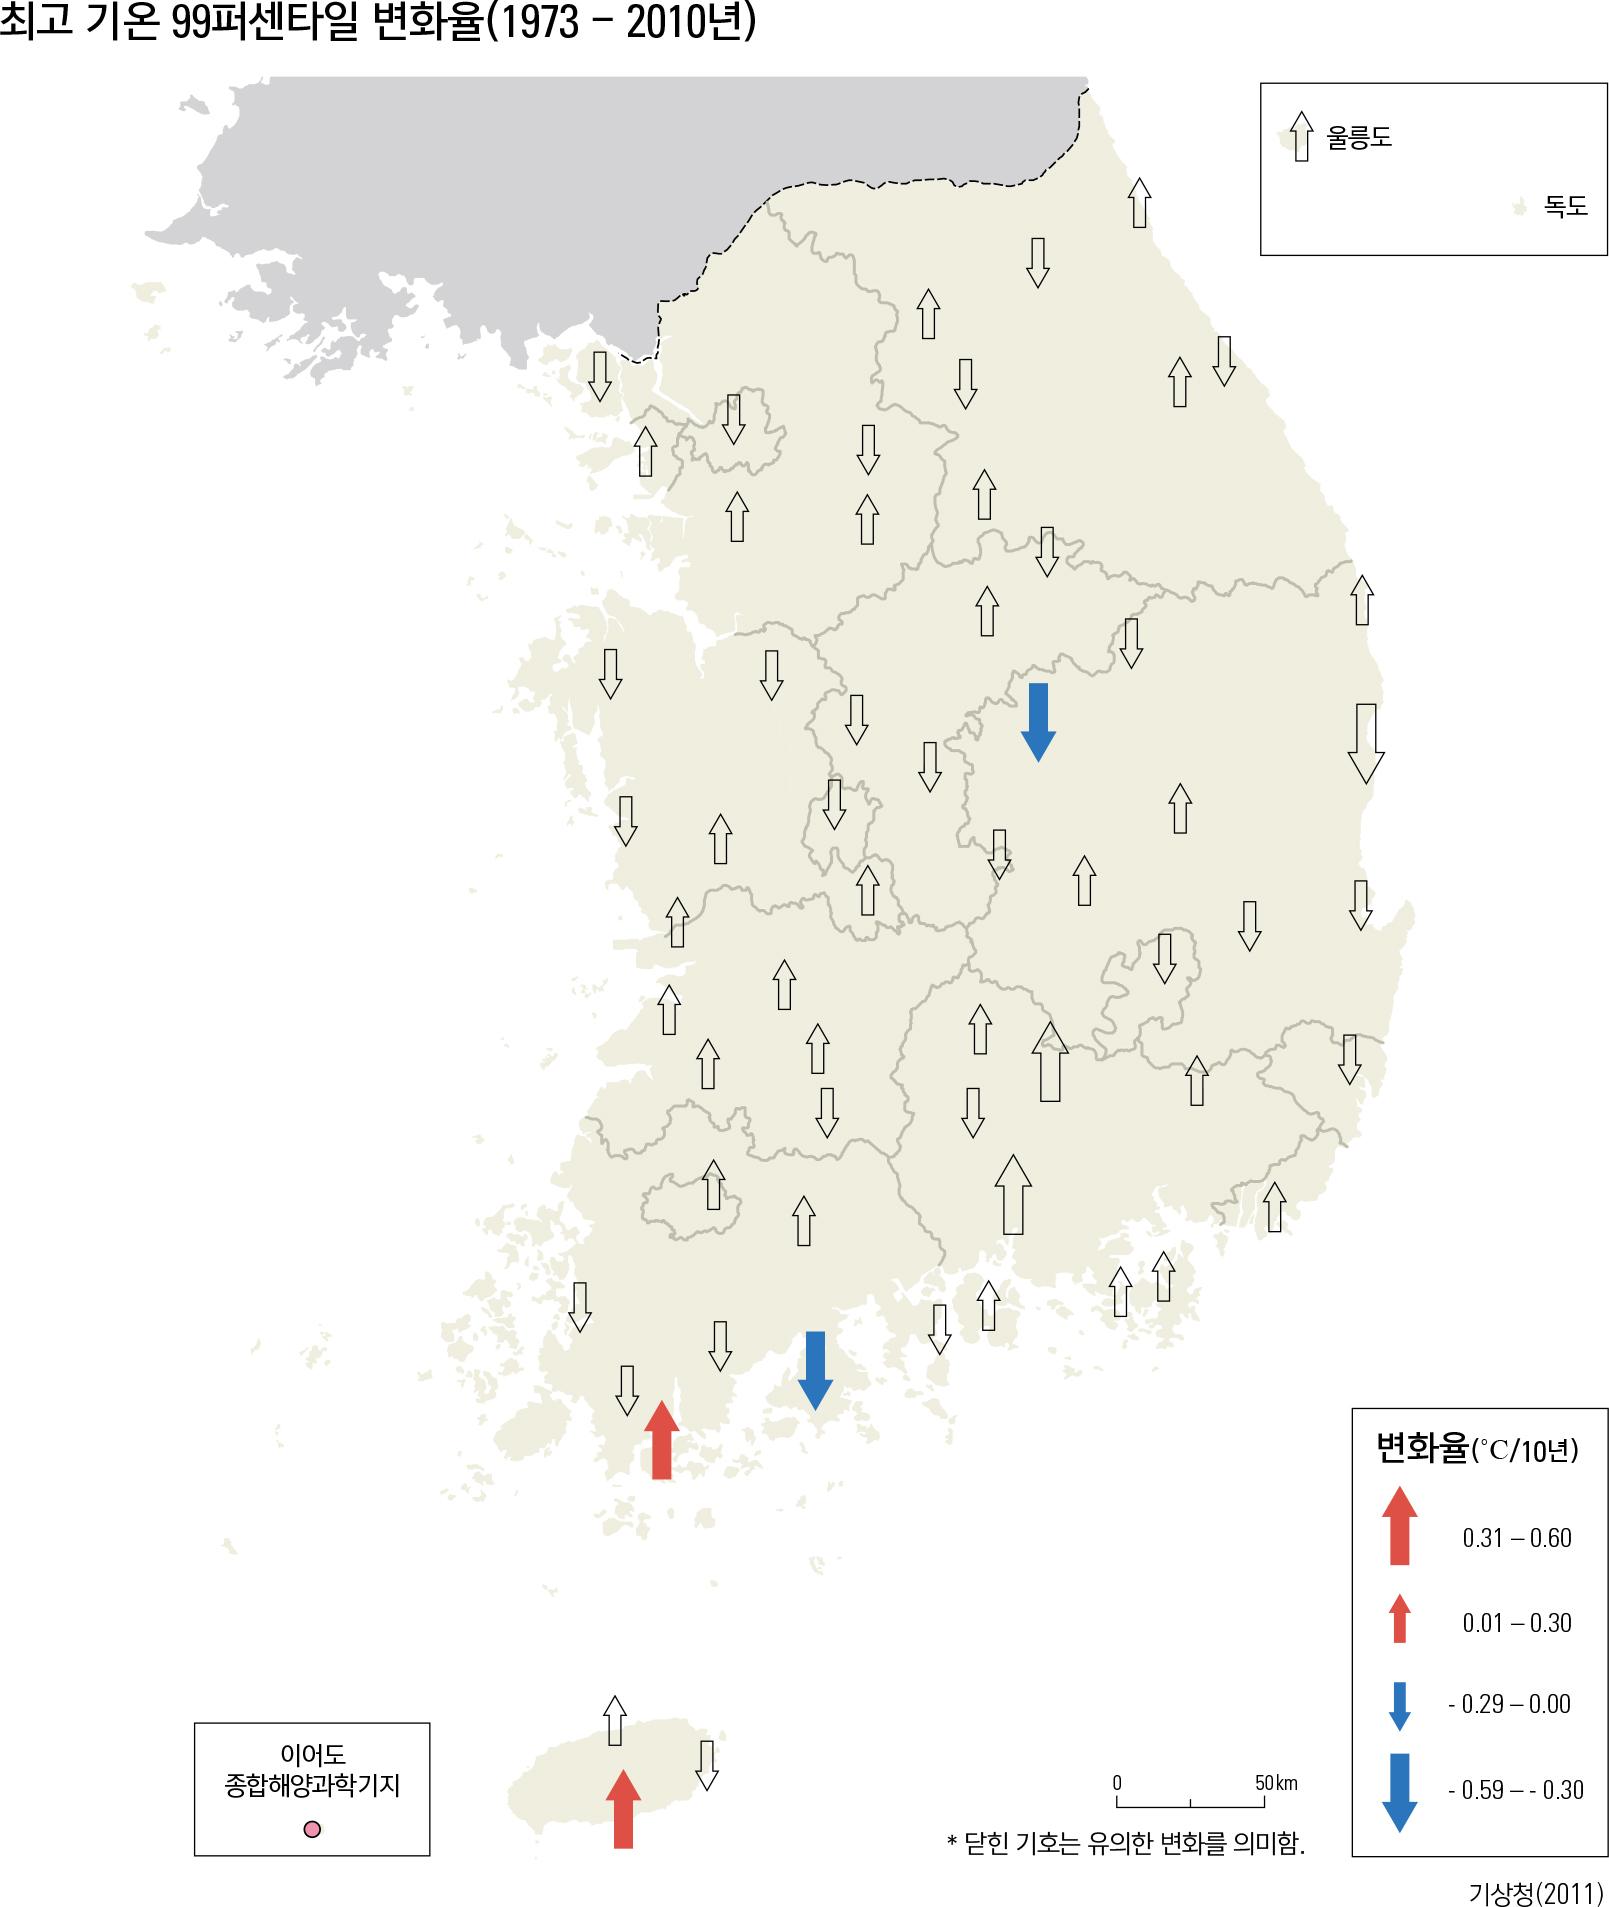 최고 기온 99퍼센타일 변화율(1973 - 2010년)